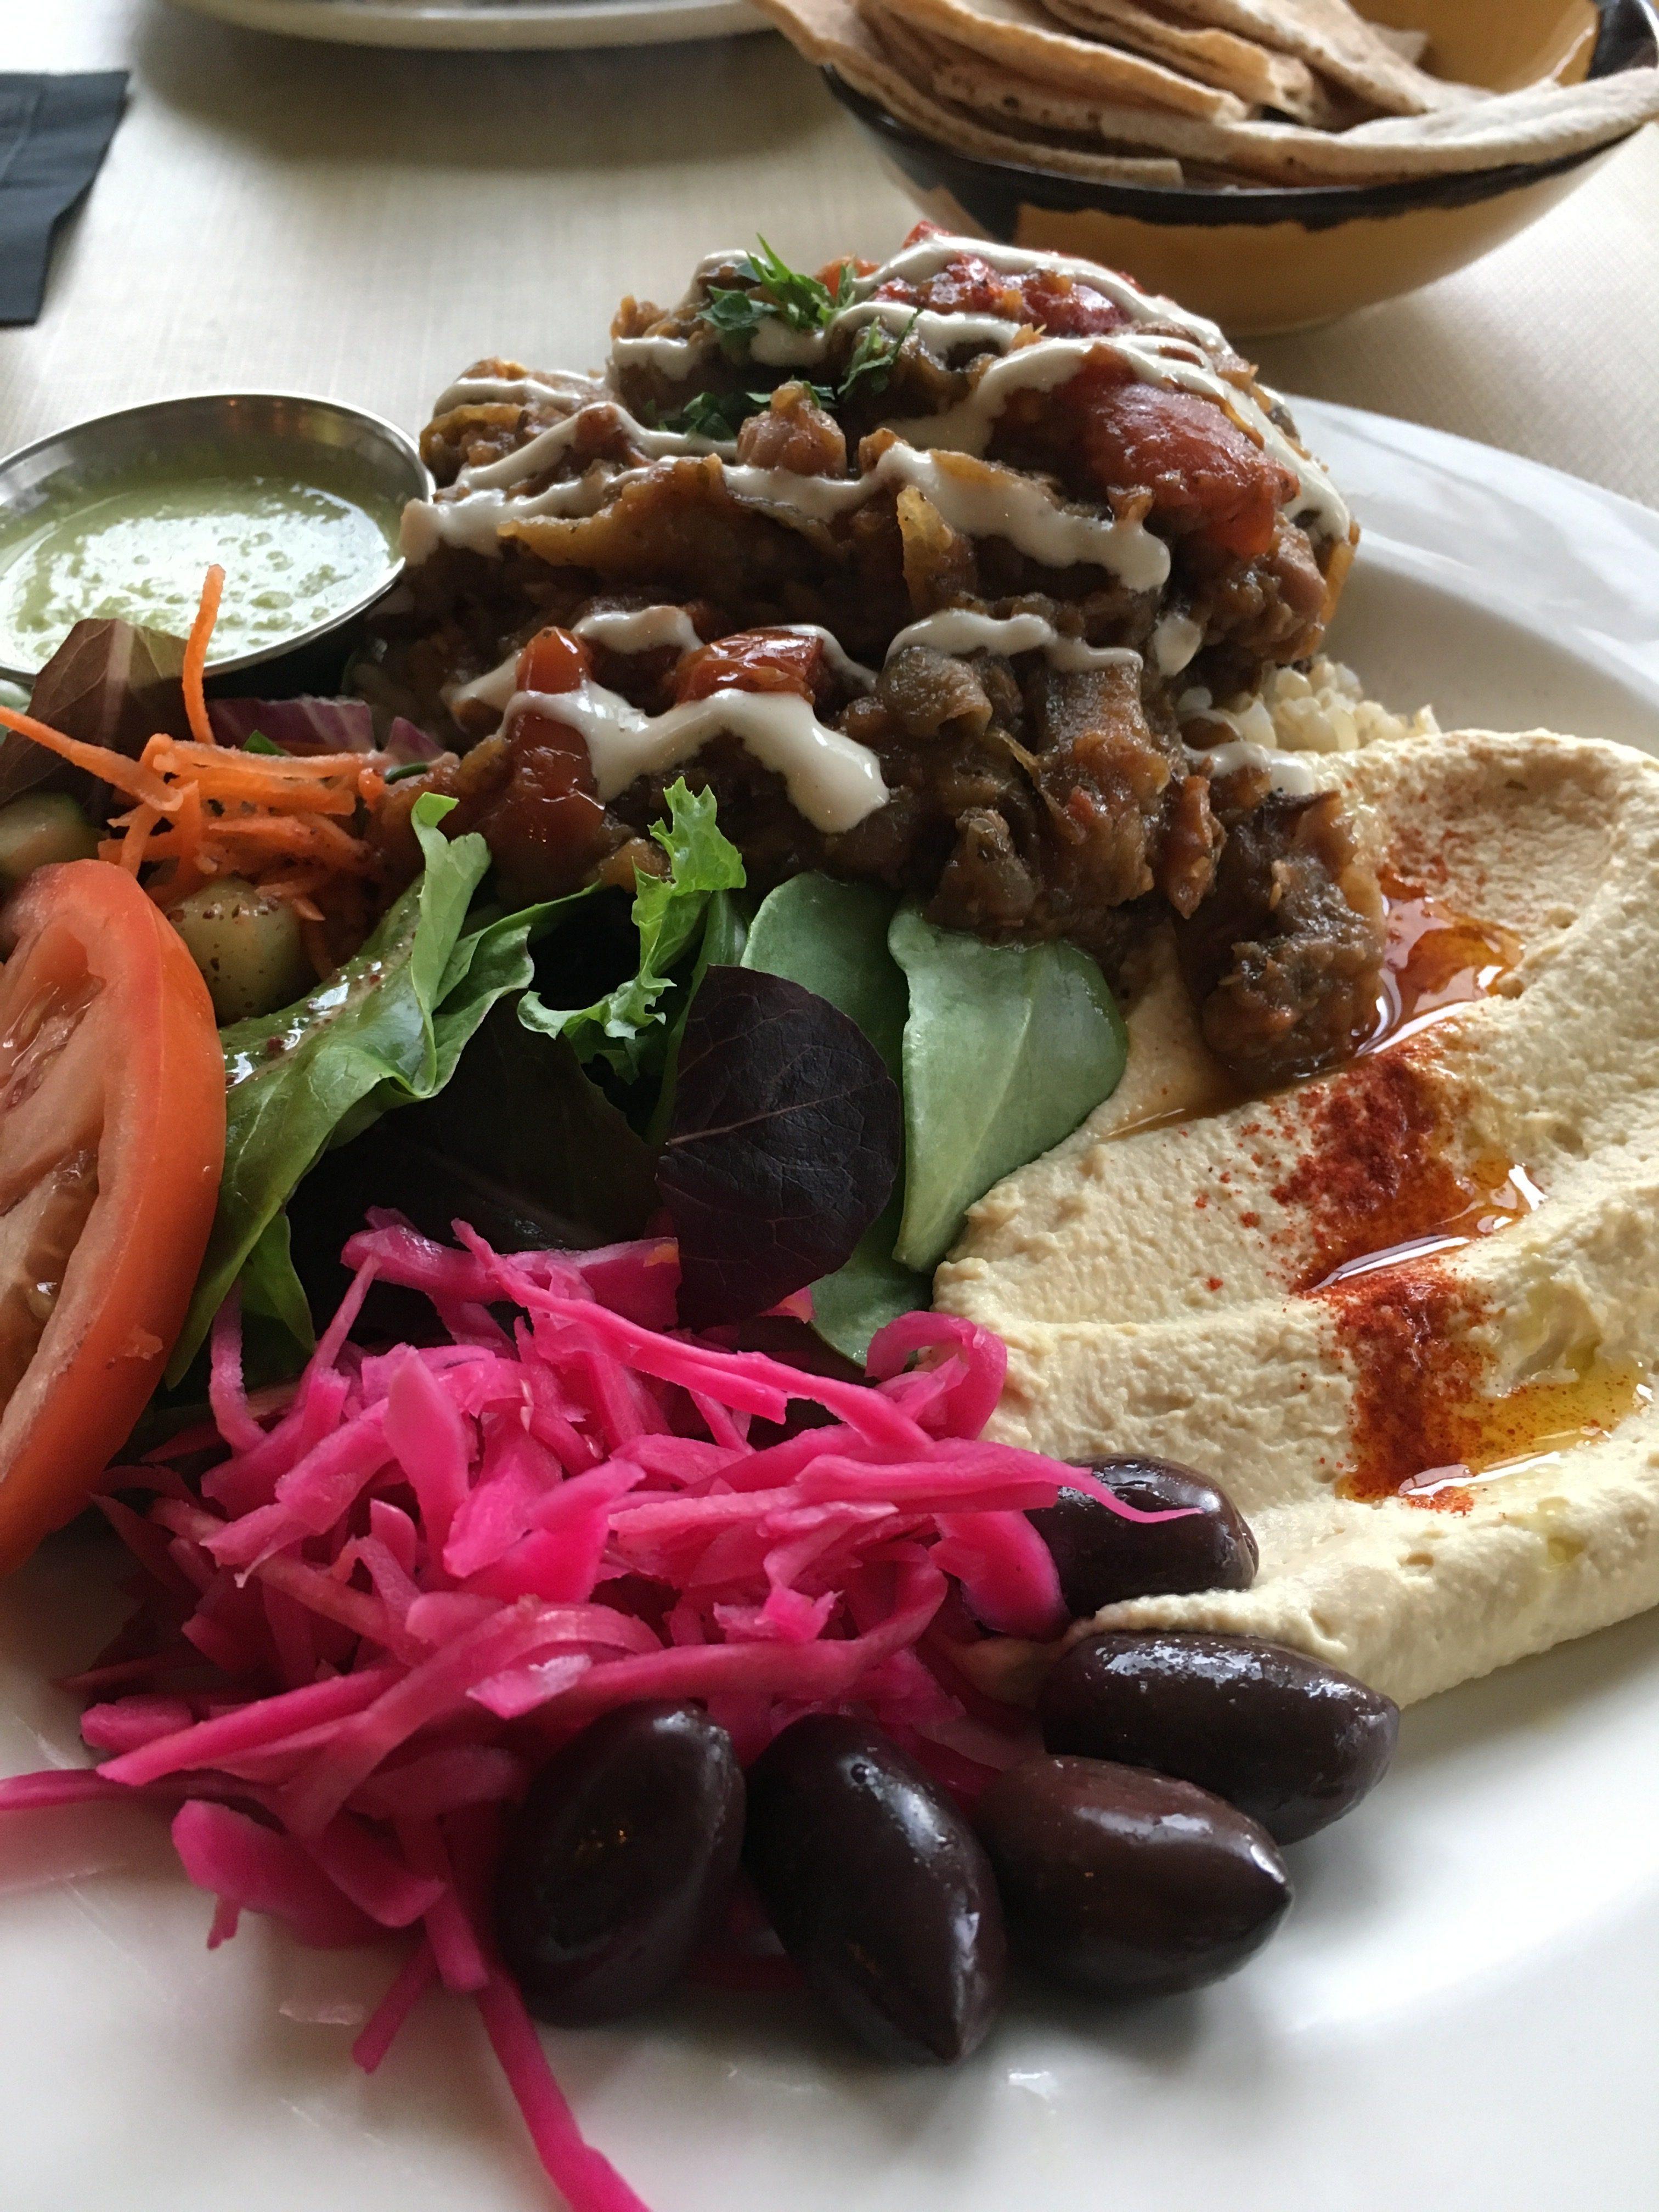 レストラン「Nuba」で提供されるヴィーガン料理